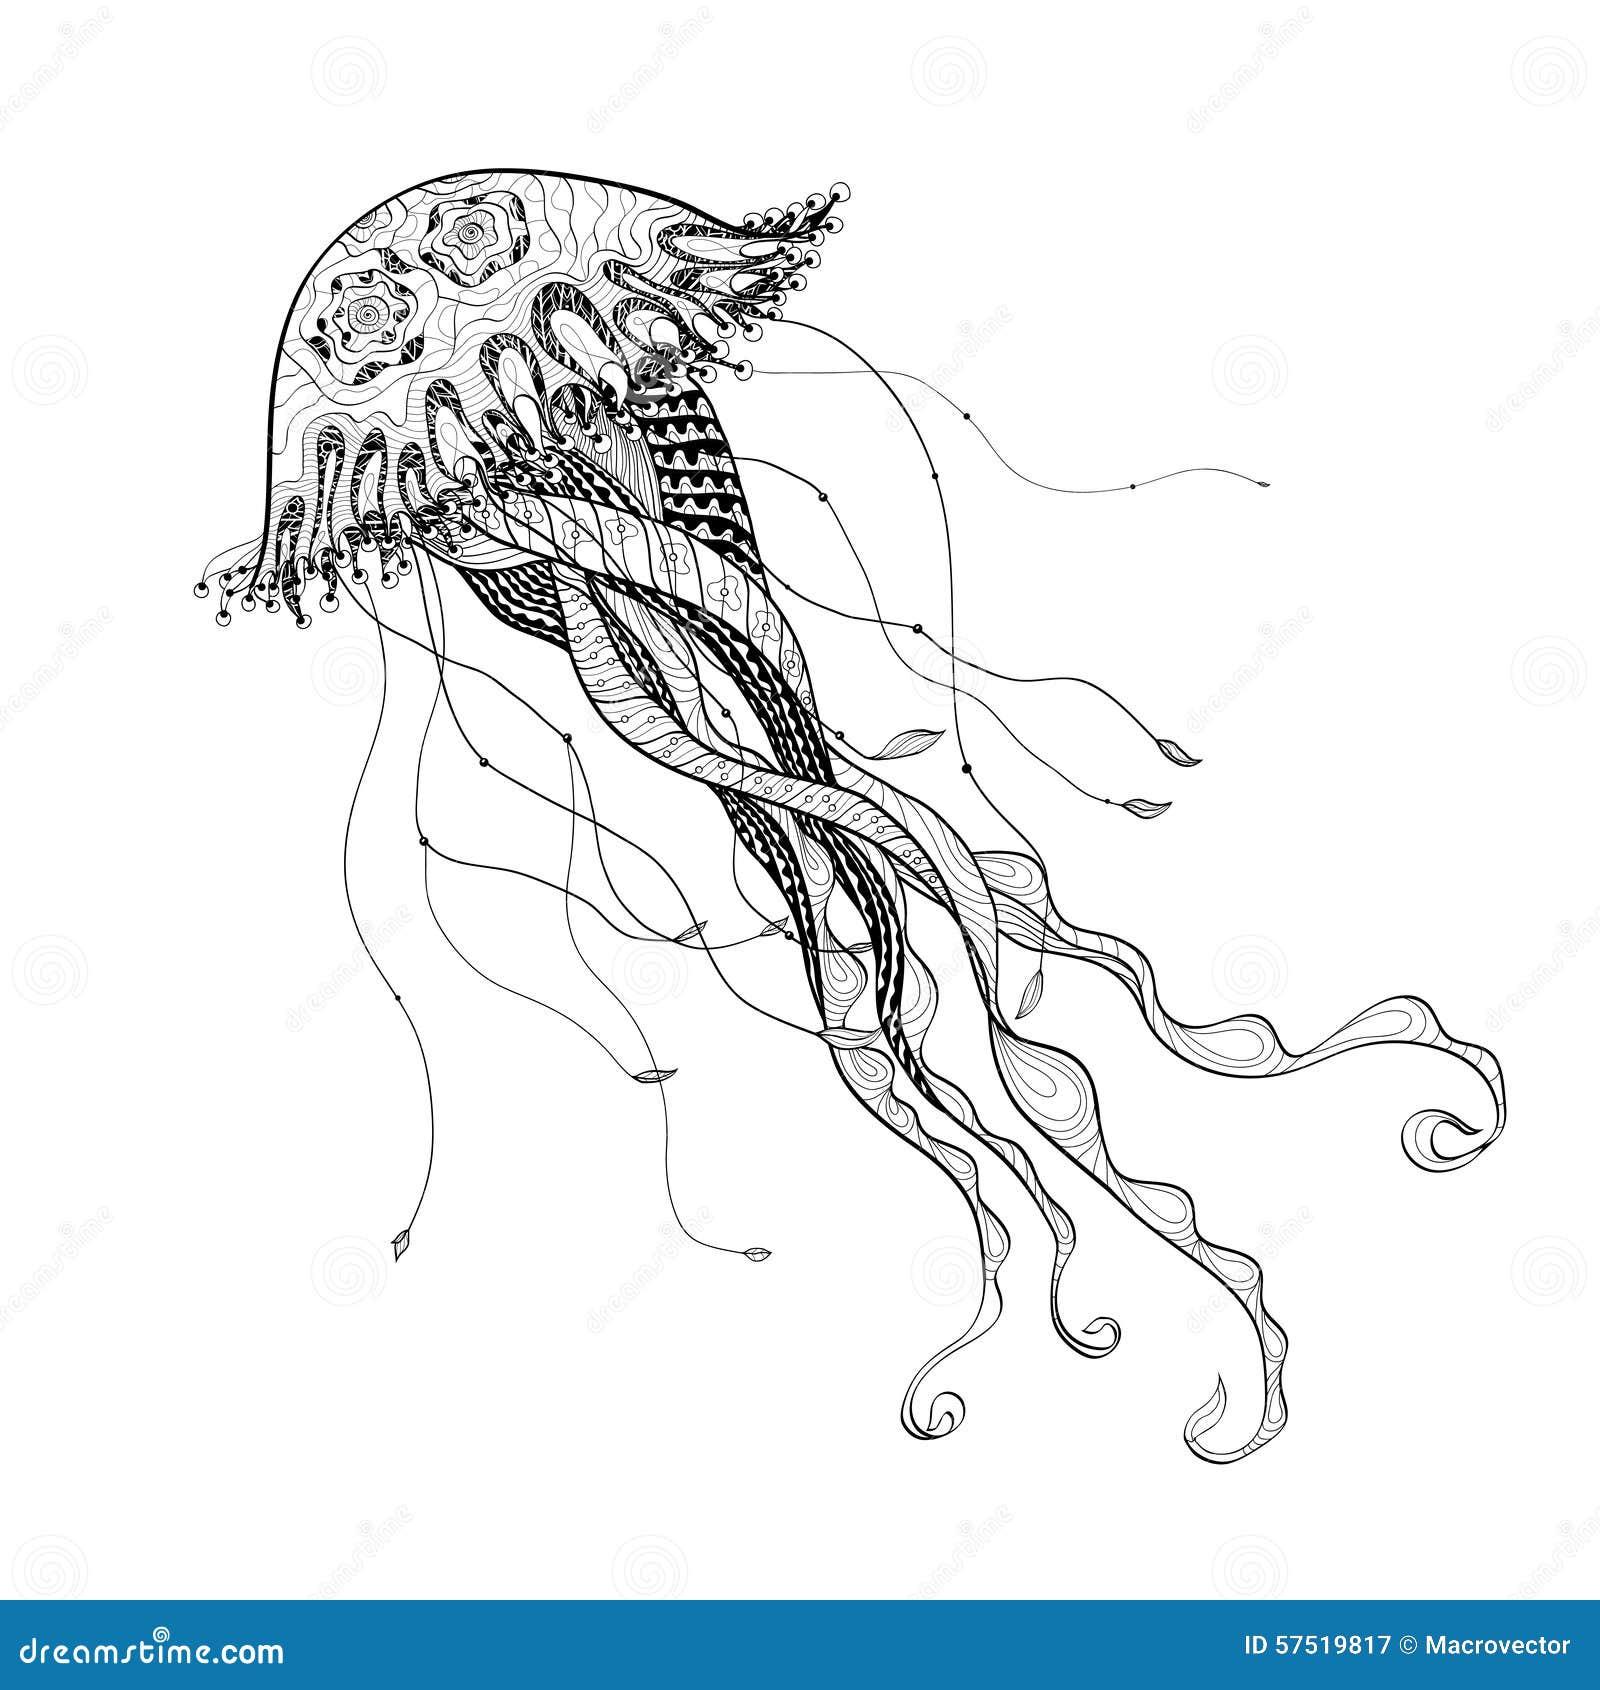 tatouage tete de meduse